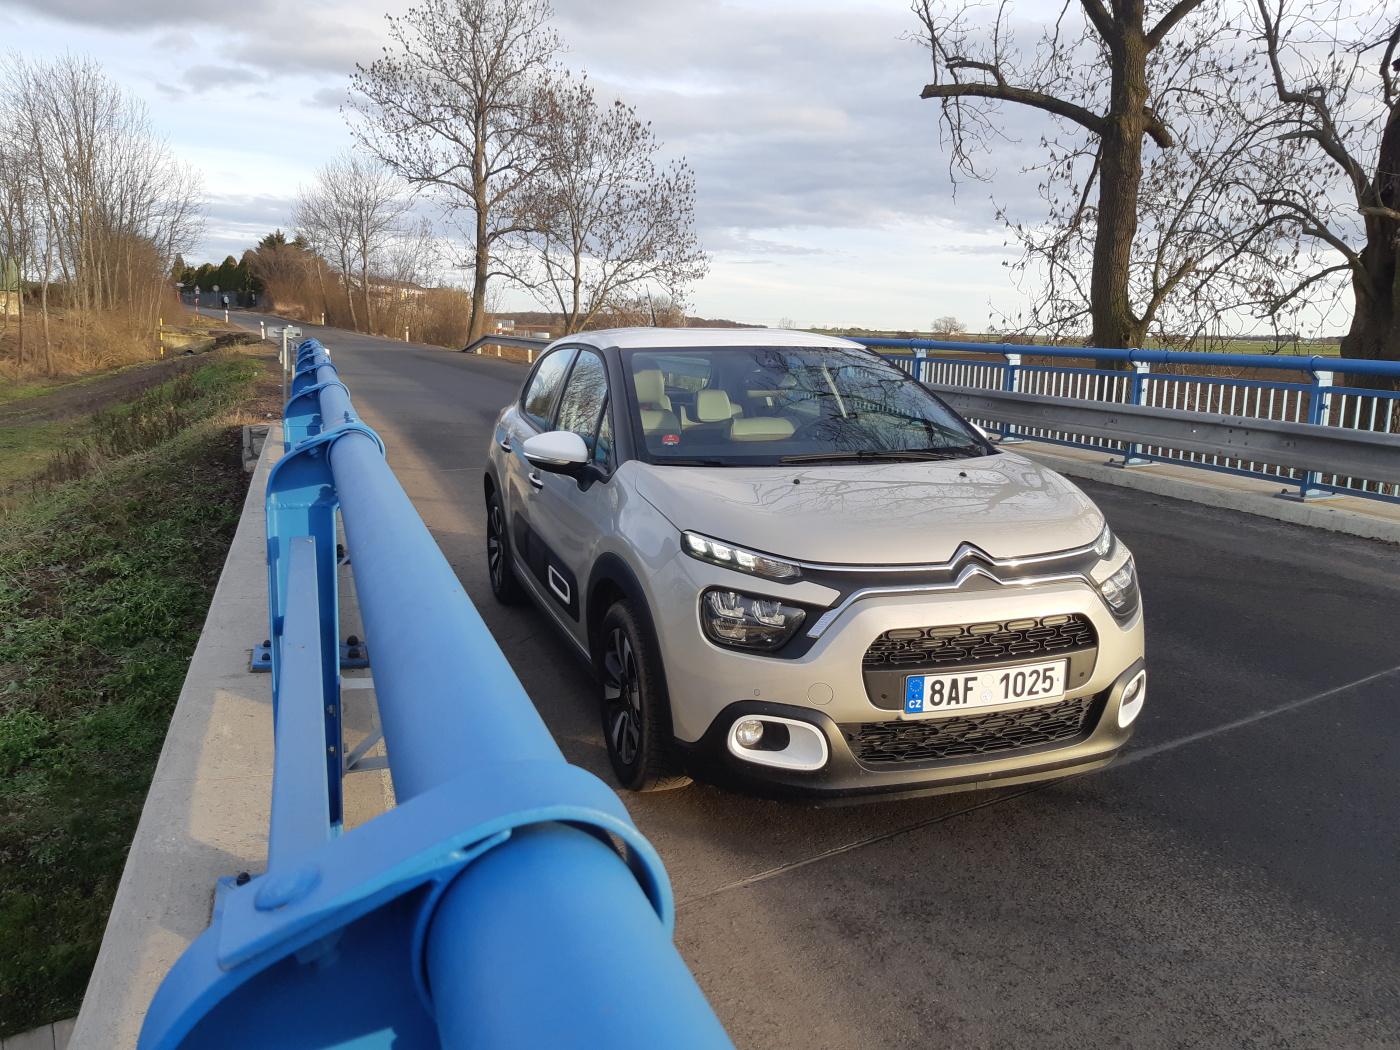 Test: Citroën C3 1.2 PureTech - nic stylovějšího za podobnou cenu nekoupíte